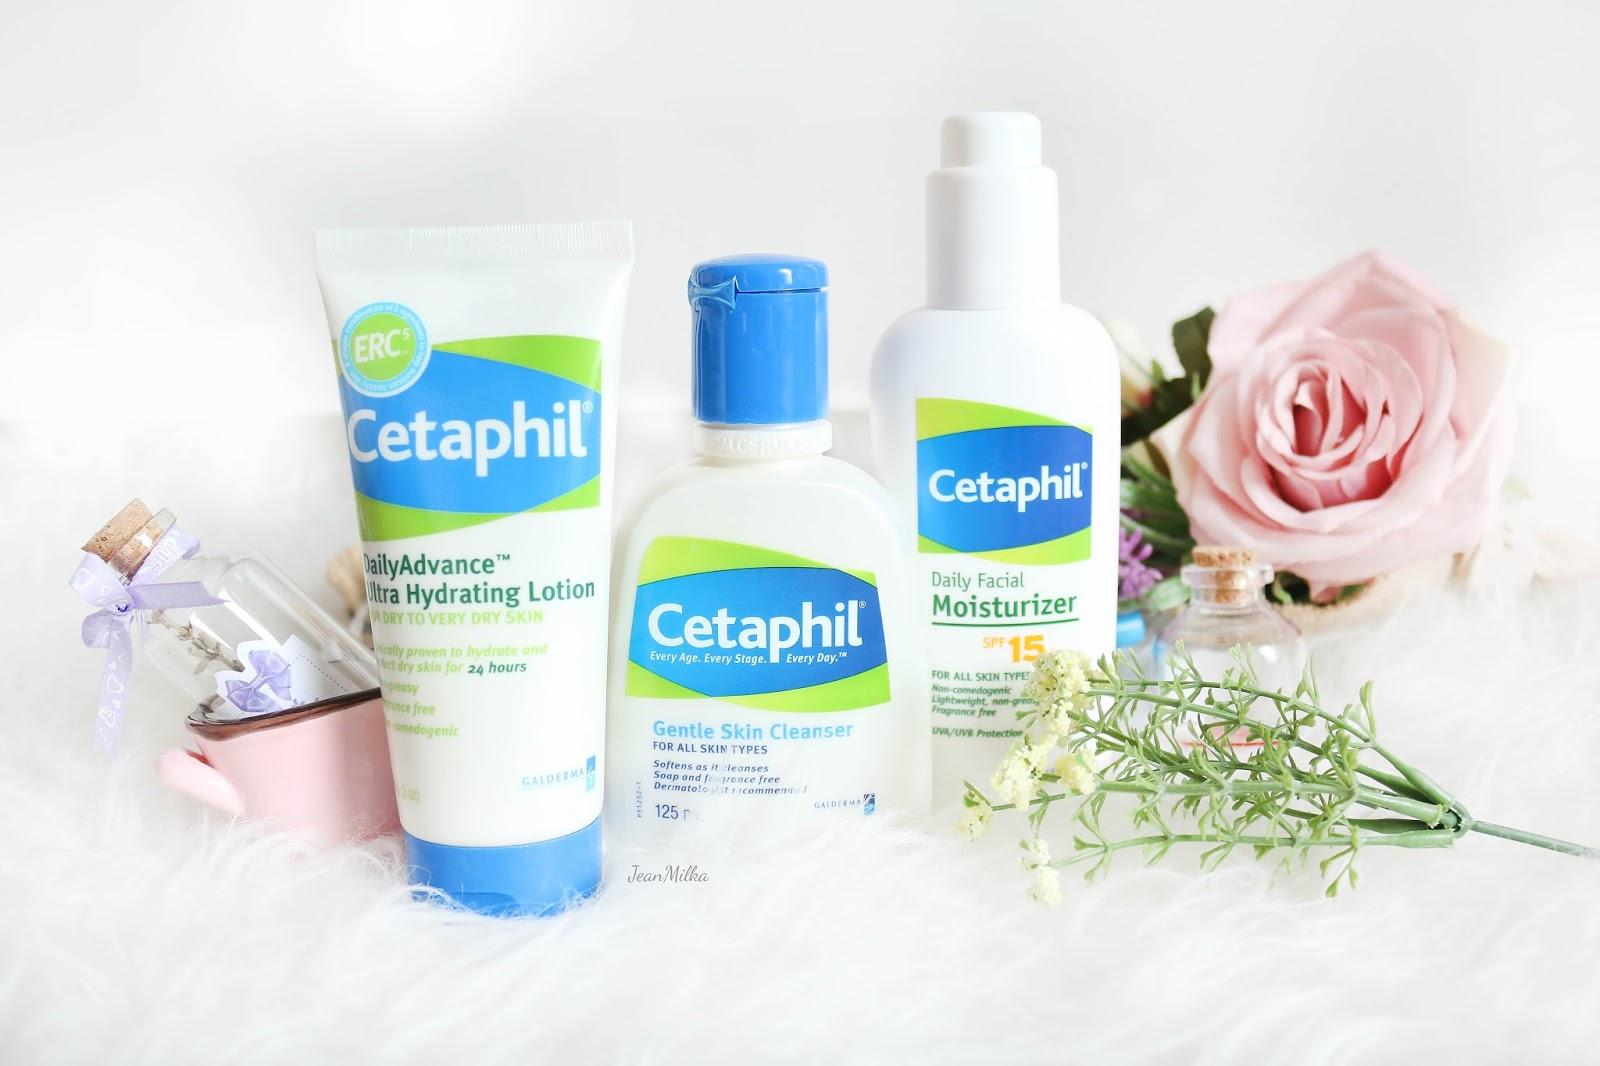 cetaphil, skincare, cetaphil skincare, review, product review, skincare murah, drugstore, drugstore skincare, cetaphil experience, cetaphil indonesia, indonesia. experience cetaphil